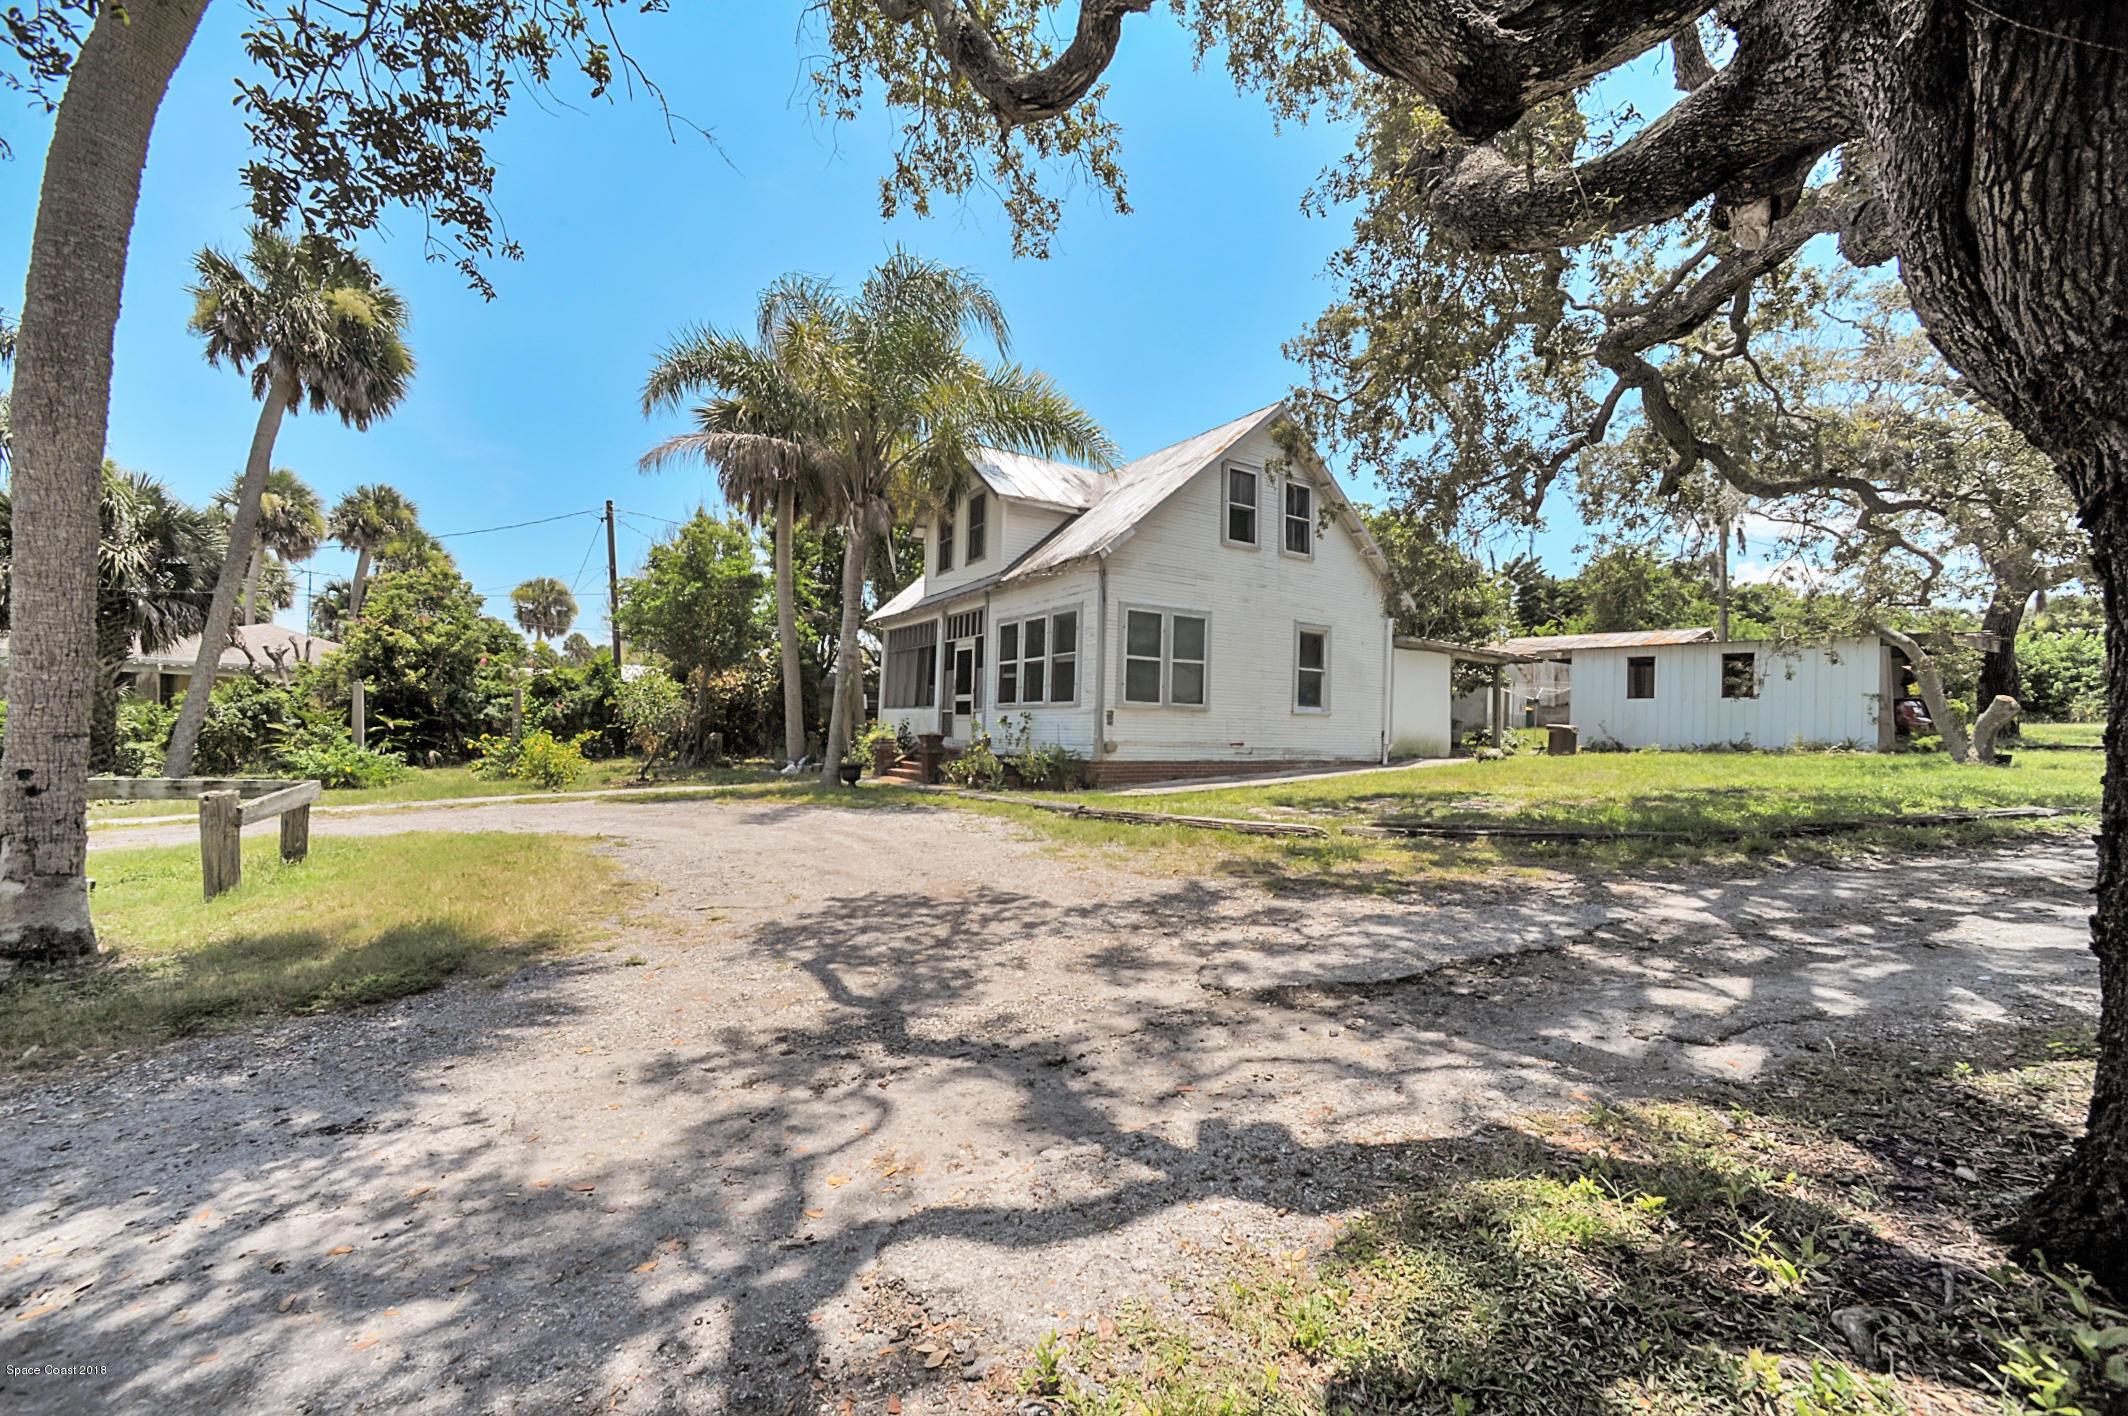 Apartamentos multi-familiares para Venda às 1250 S Highway 1 1250 S Highway 1 Malabar, Florida 32950 Estados Unidos